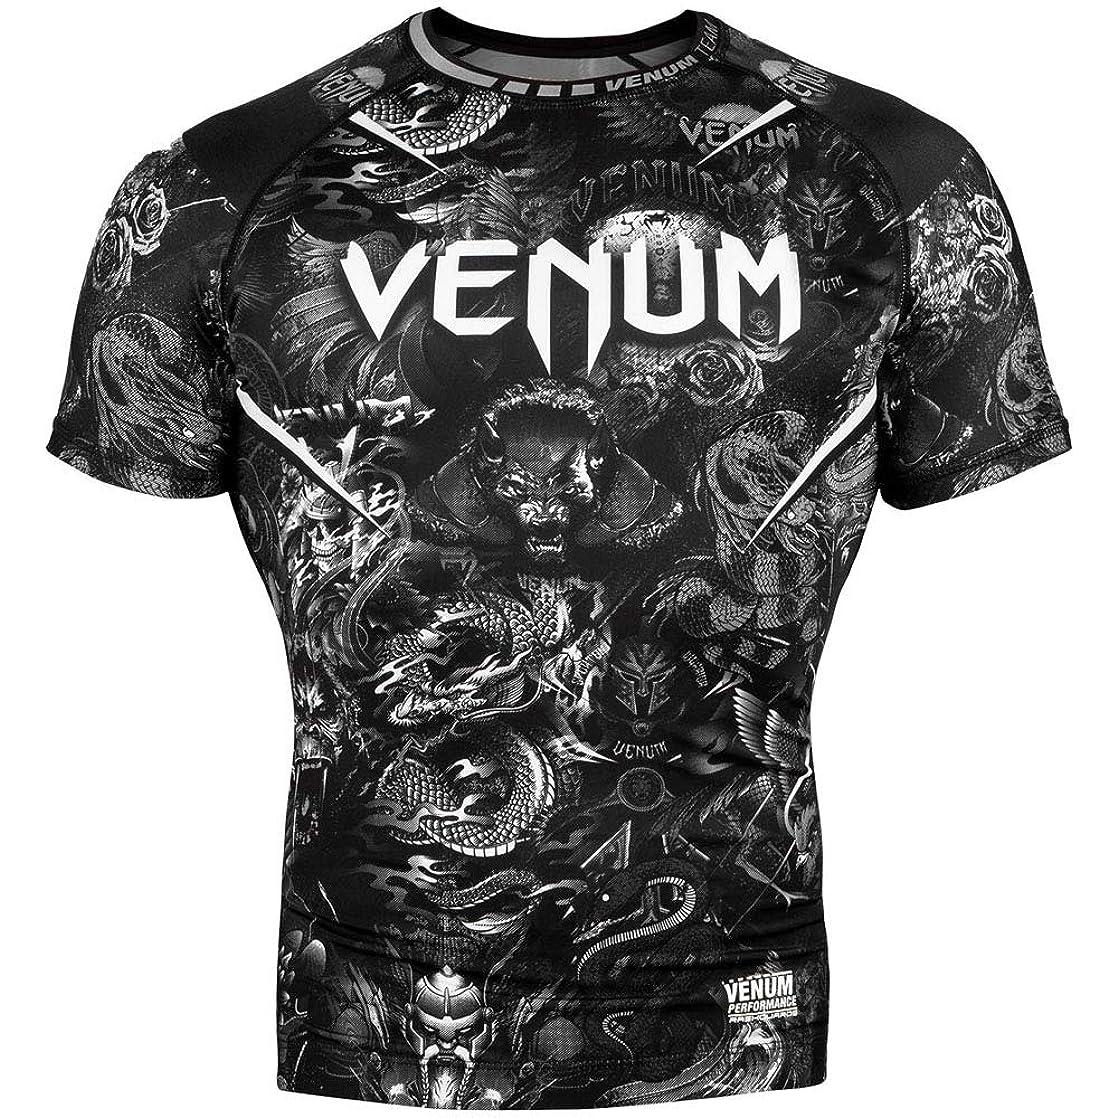 透明に識別する食堂Venum Art ラッシュガード 半袖 メンズ フィットネス No-Gi BJJ ジム クロスフィット